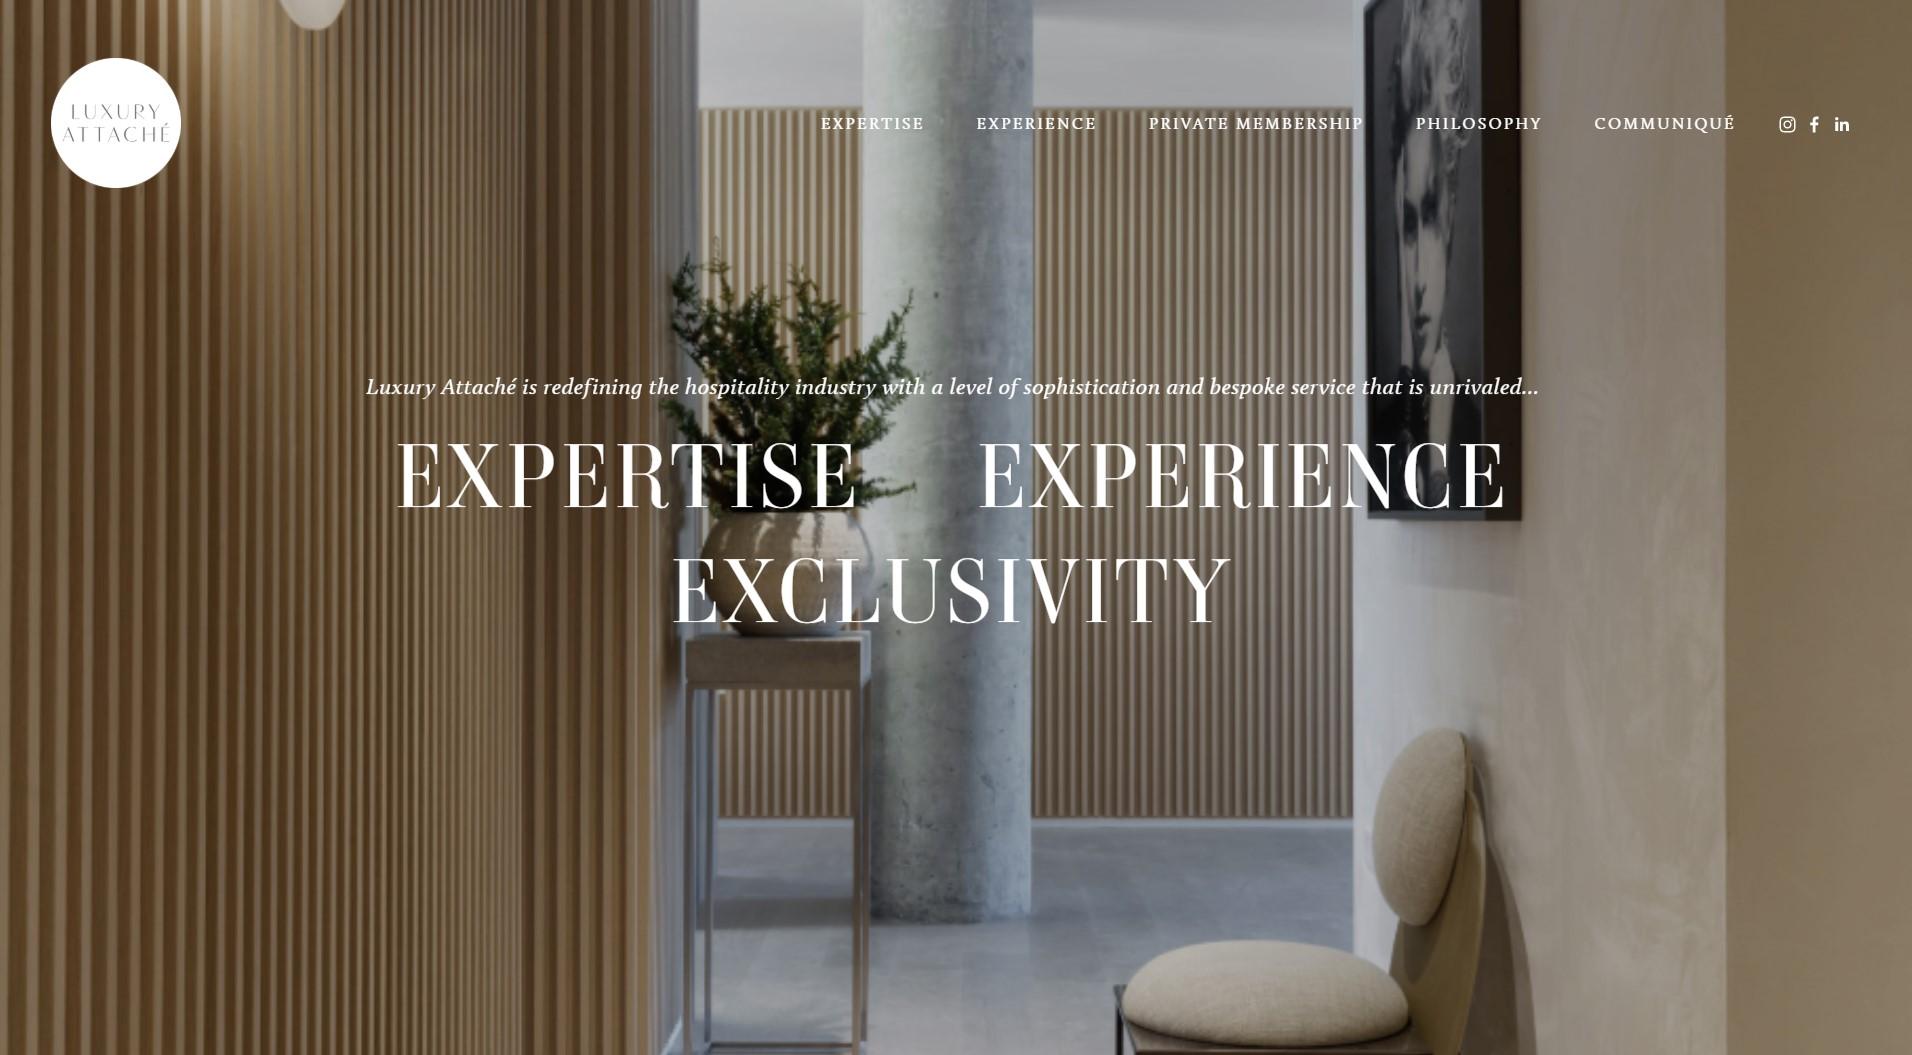 luxury attache